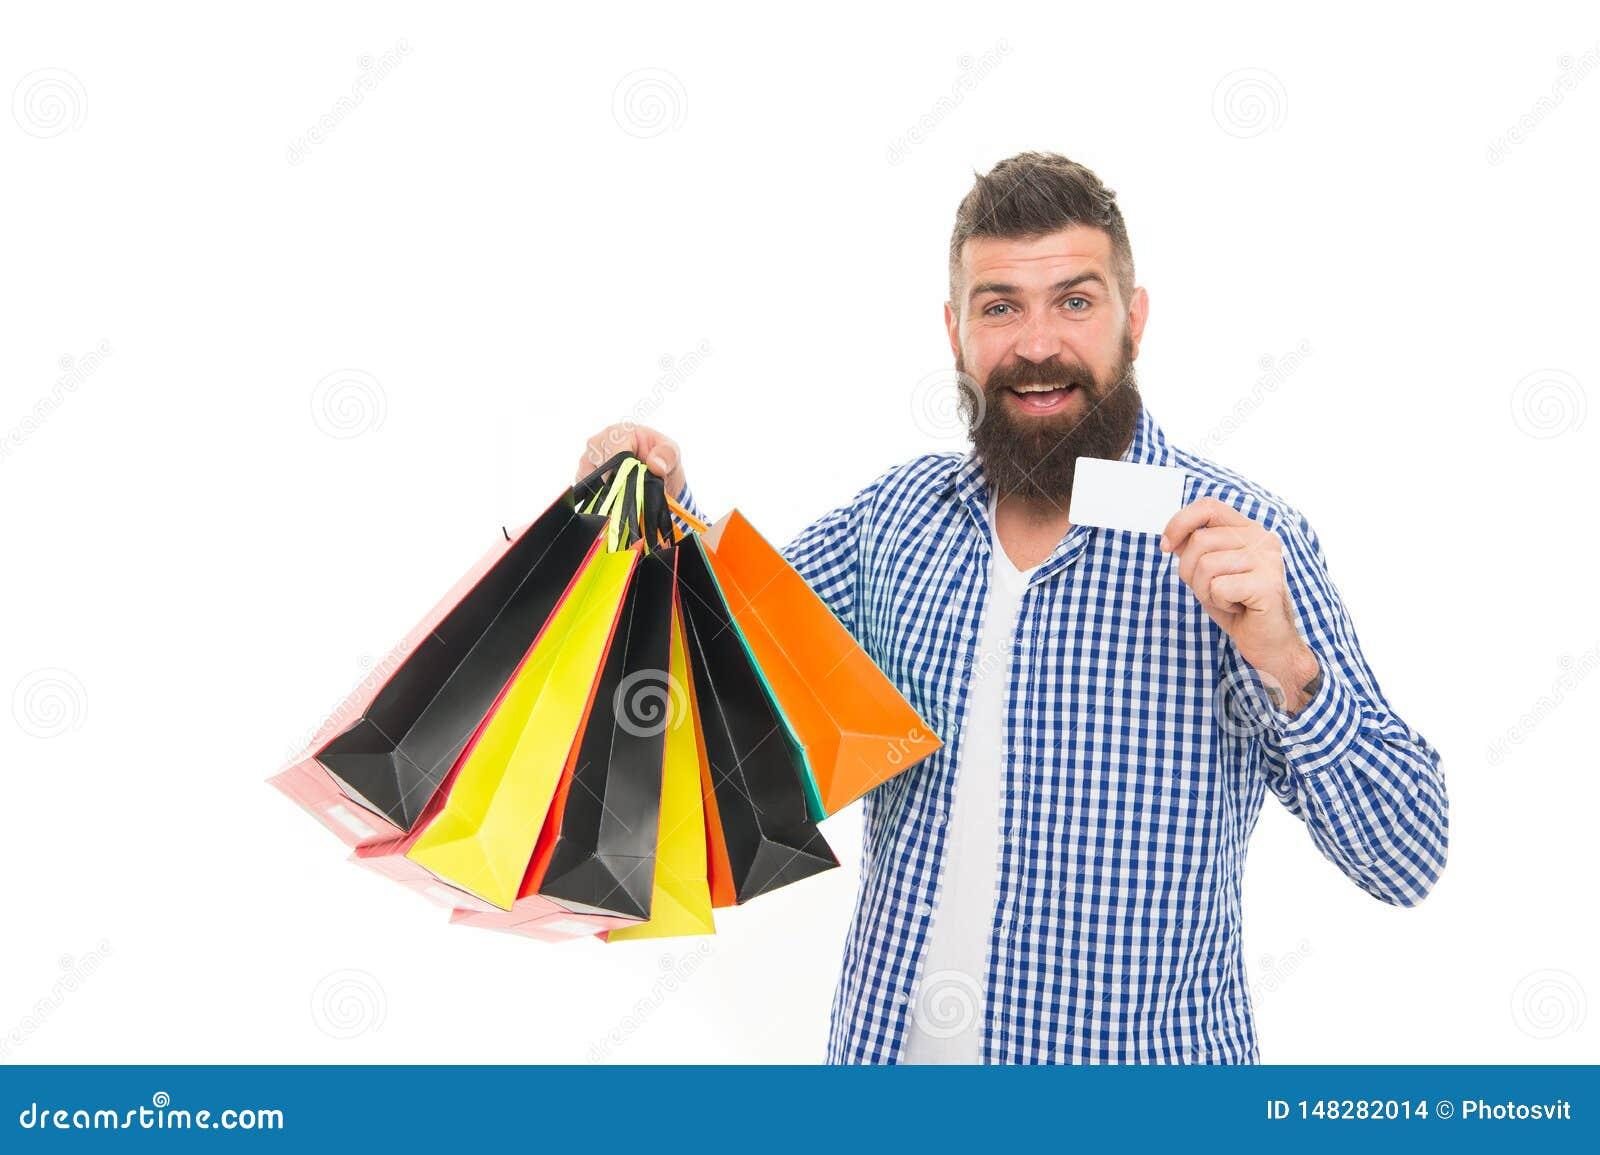 Buy och sell Lagar f?r konsumentskydd att se till r?tter M?ssan handlar konkurrens och exakt information i marknadsplats